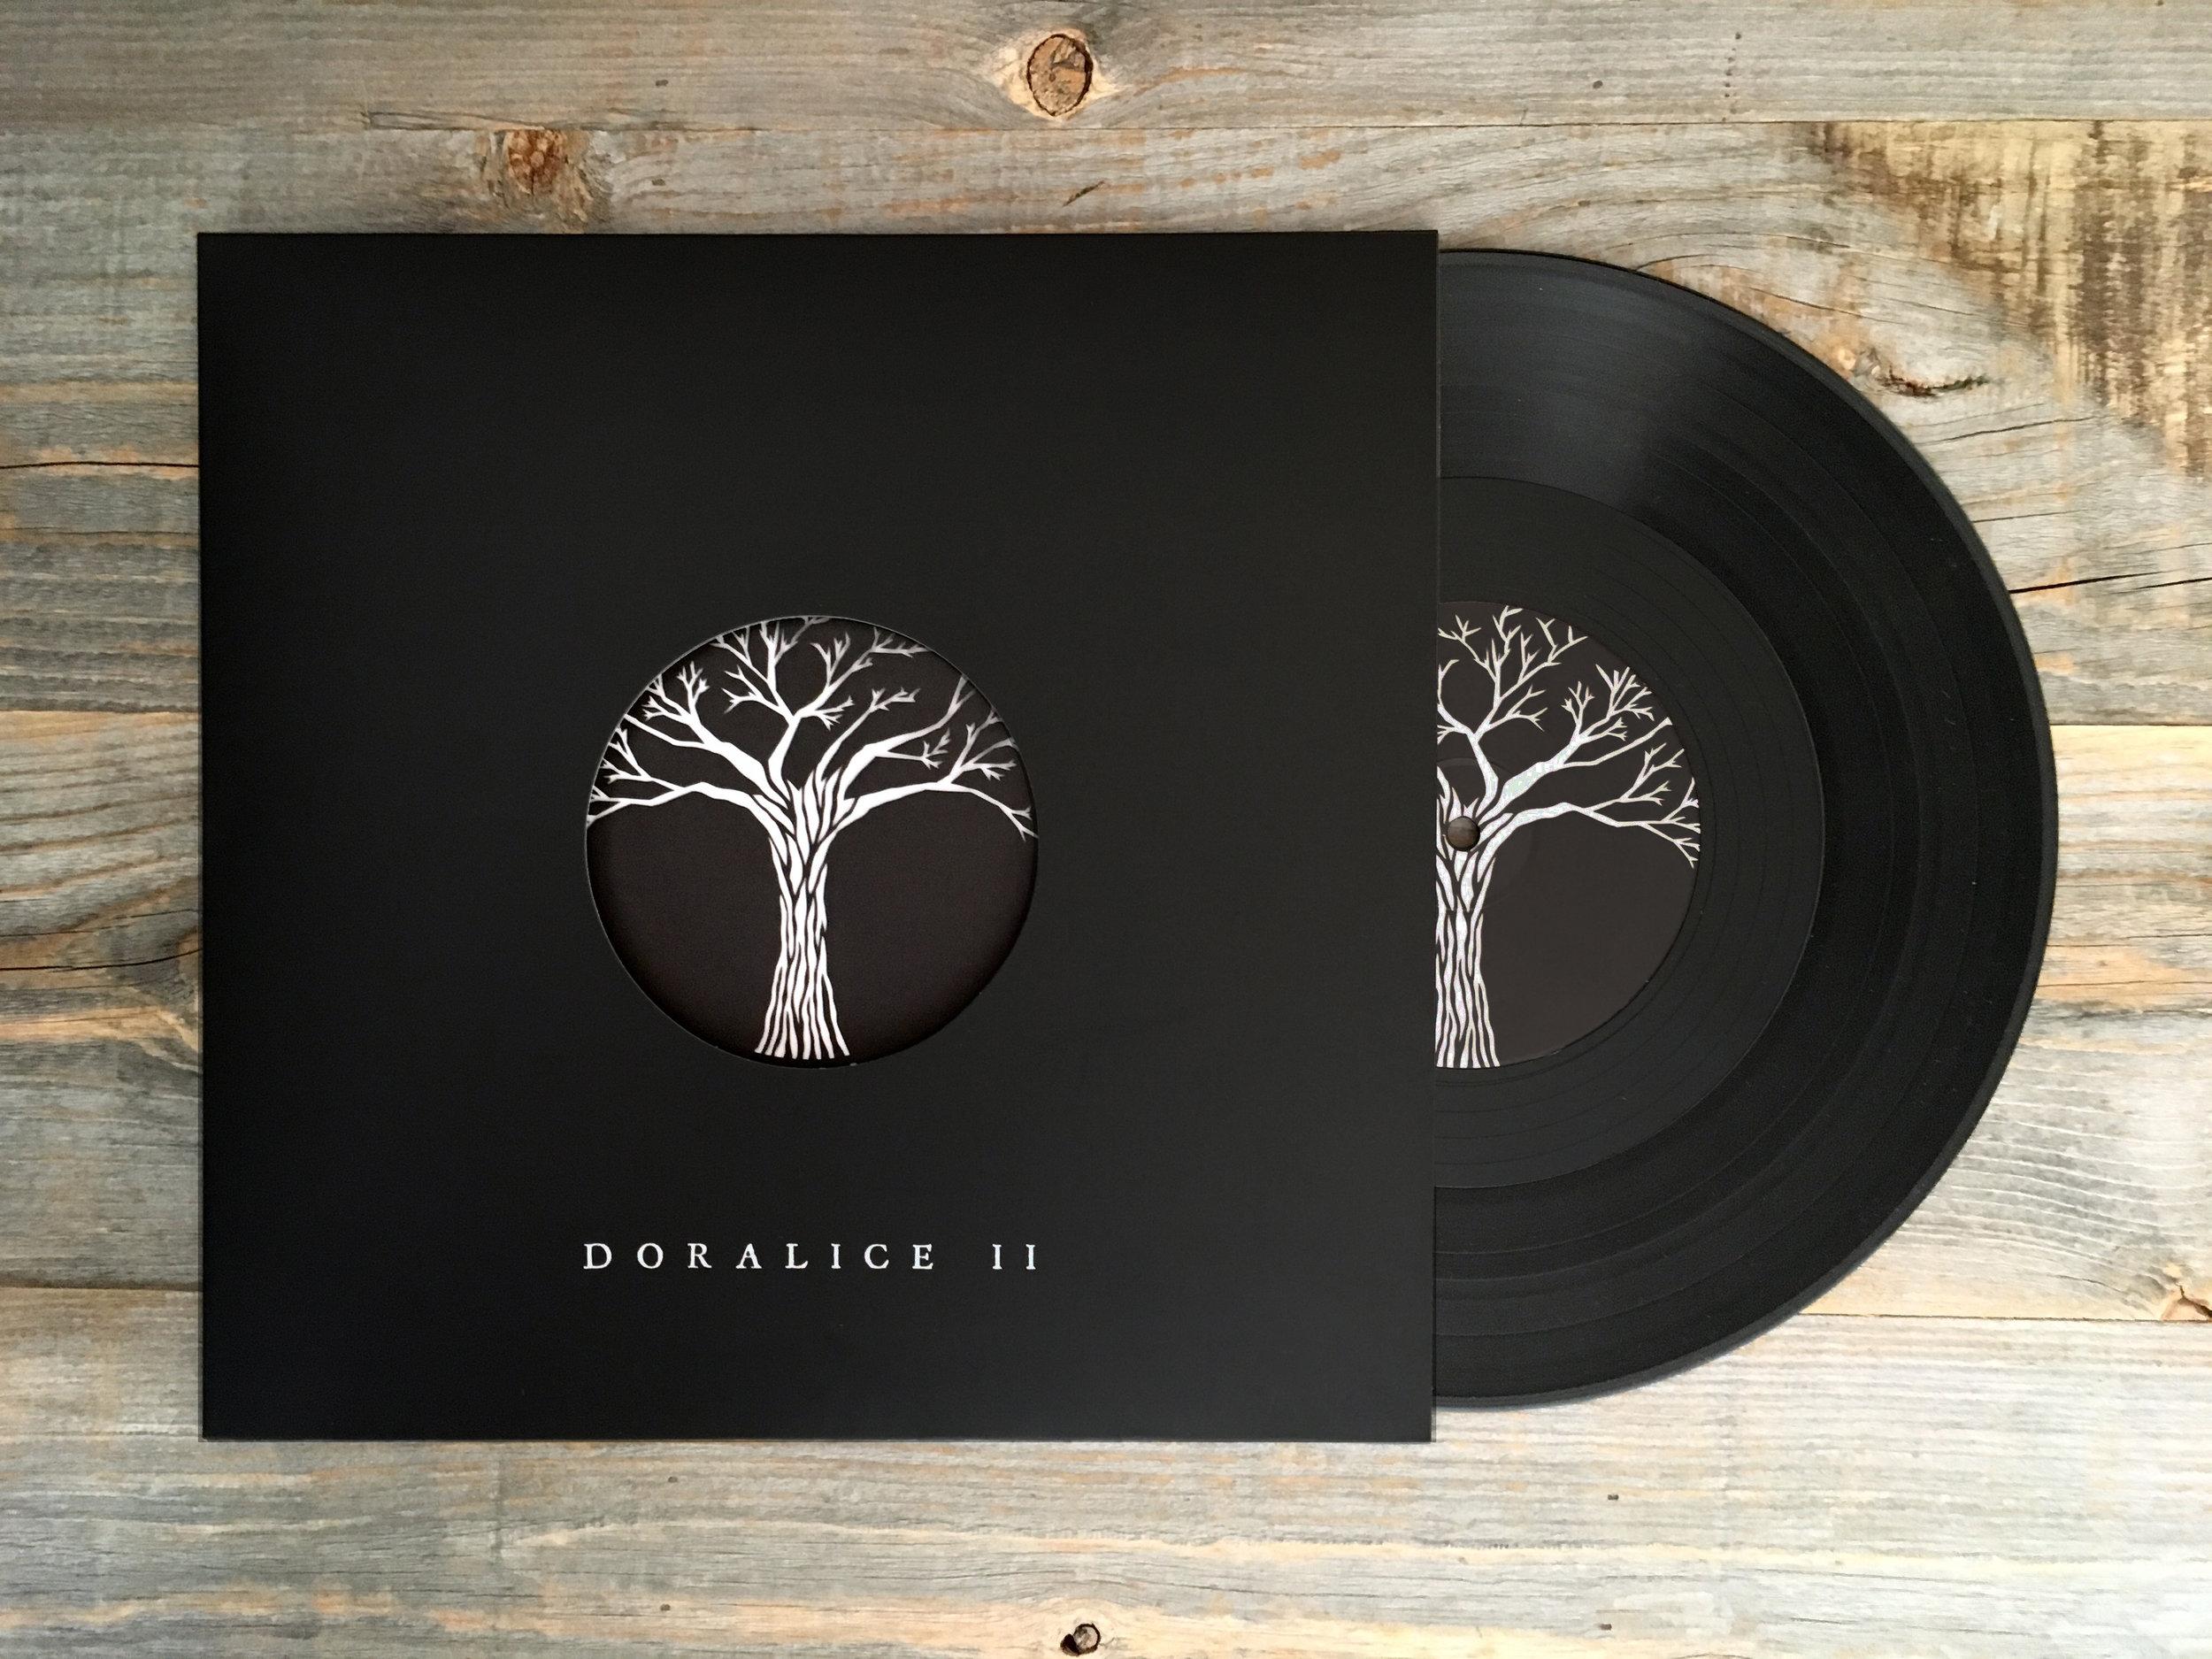 Doralice LP with lasercut insert and album art